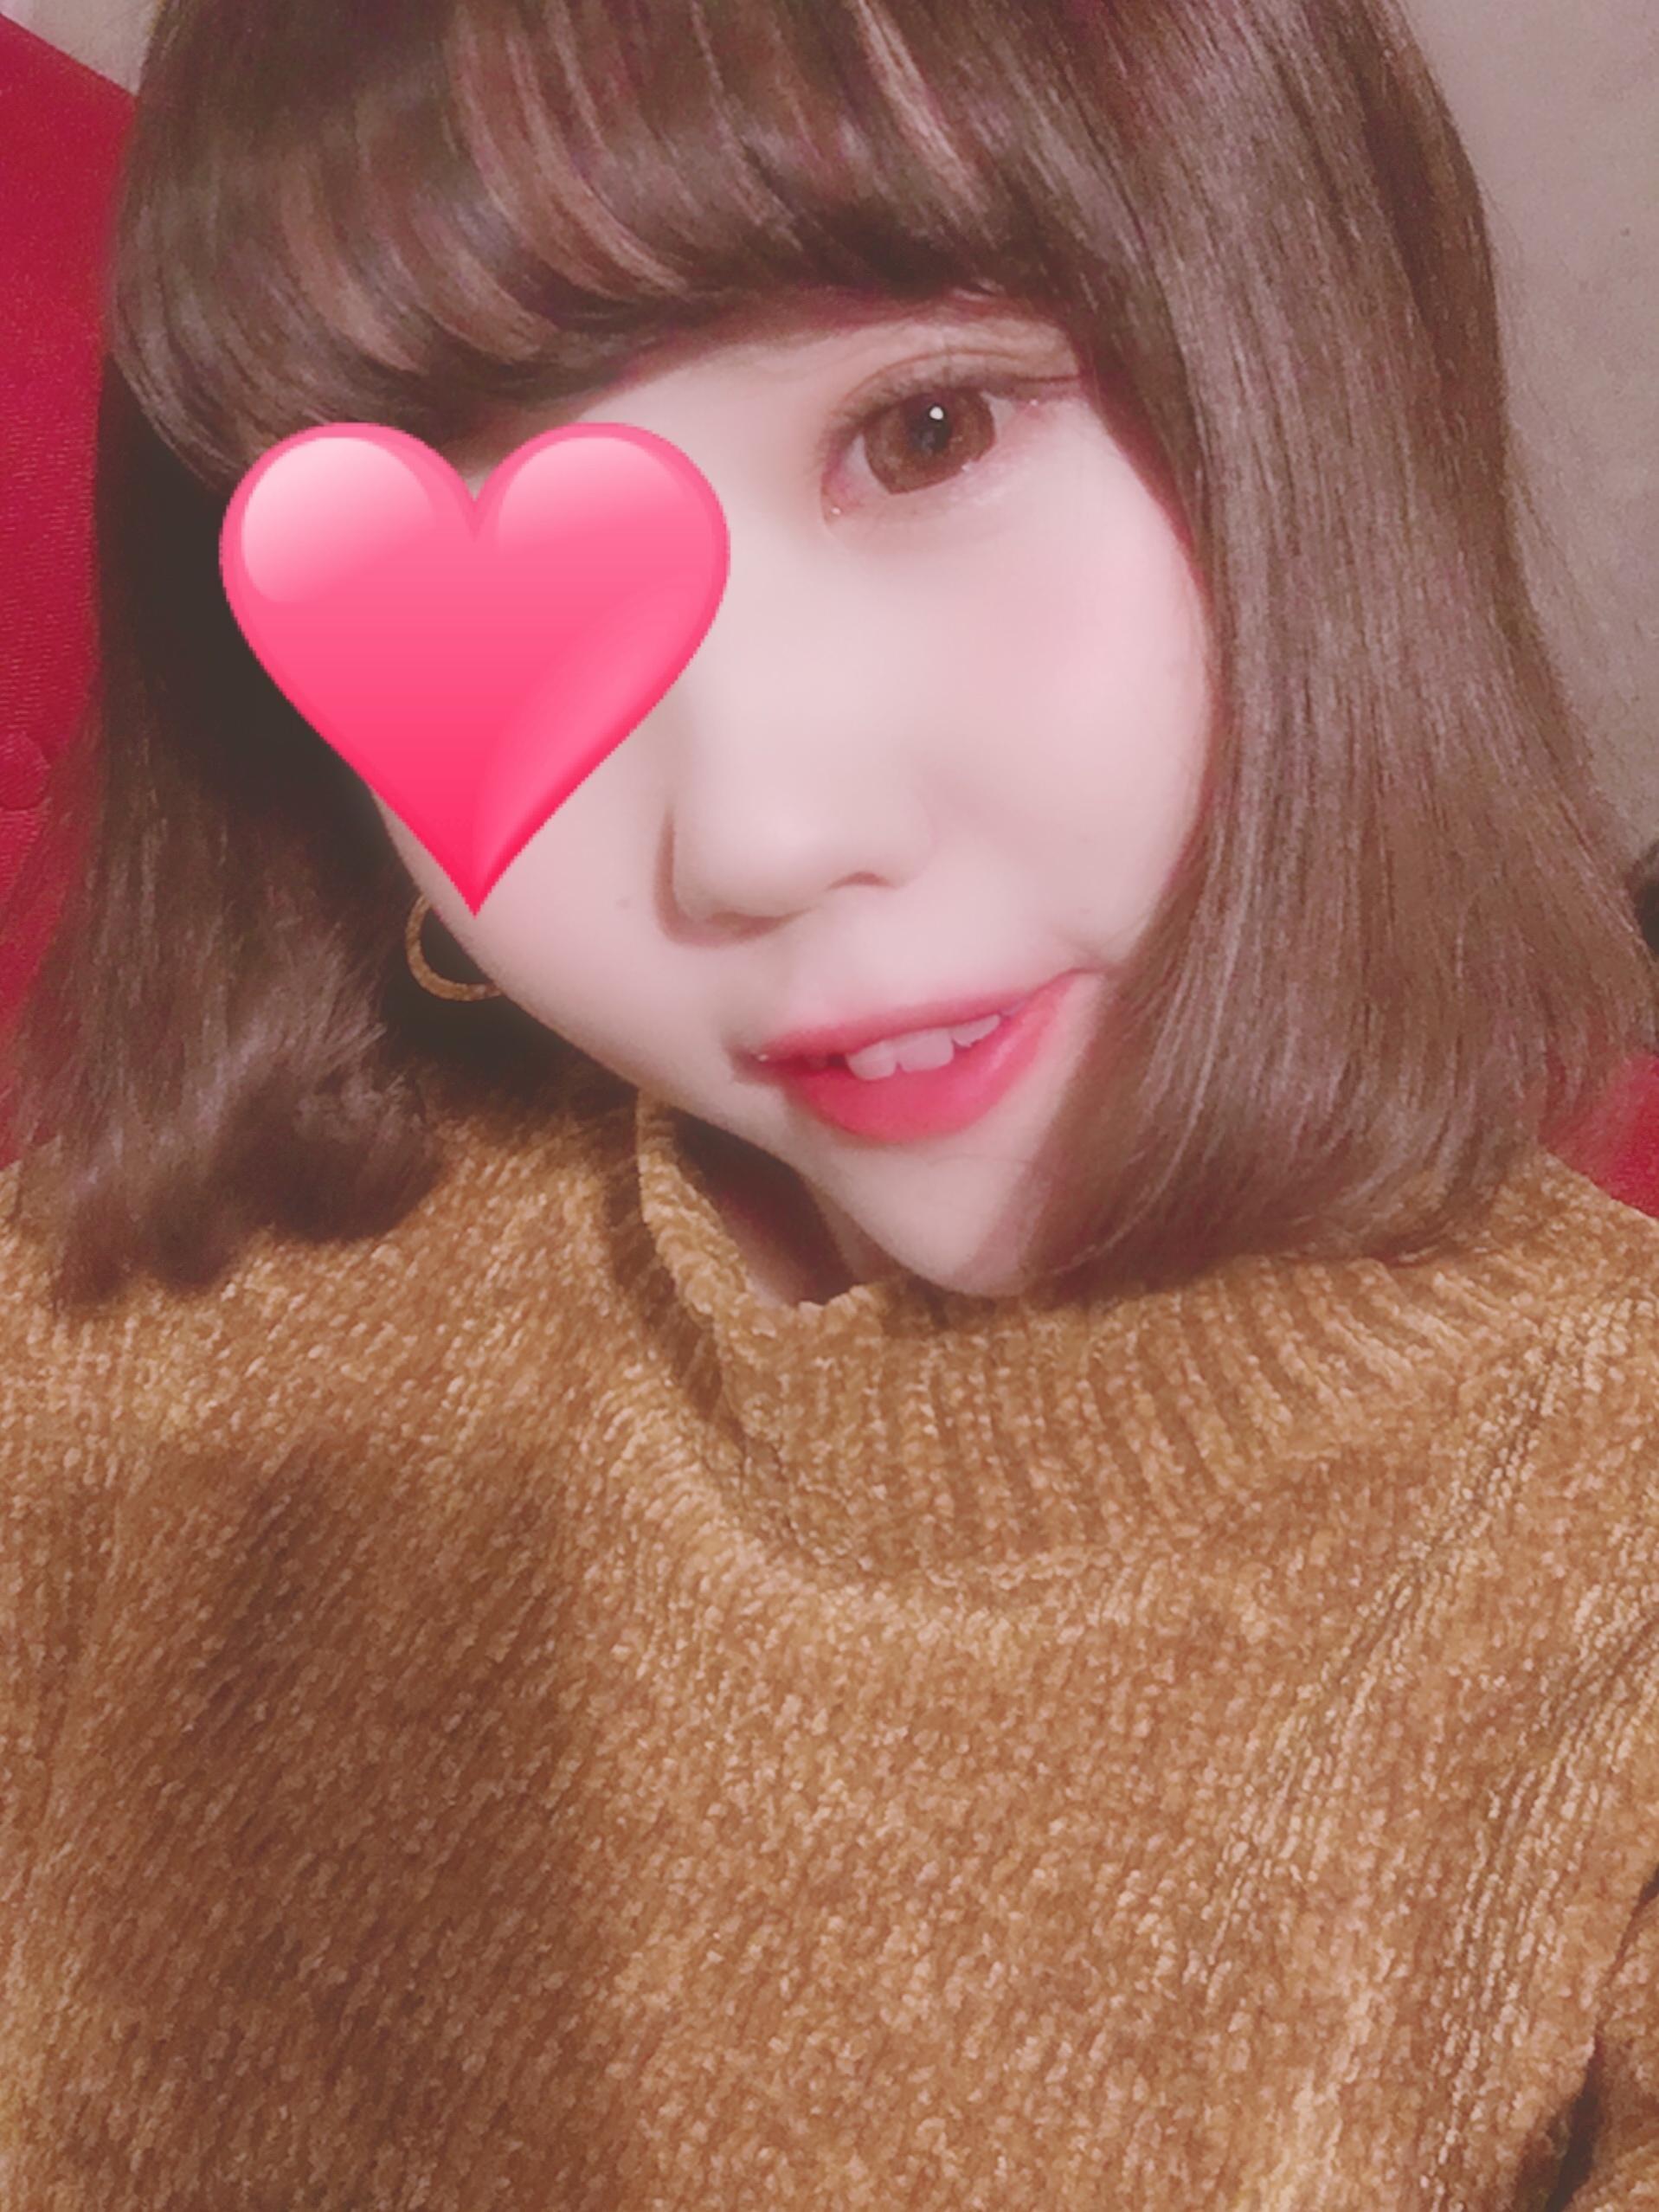 「待機中?」11/20日(火) 22:47 | ゆにの写メ・風俗動画